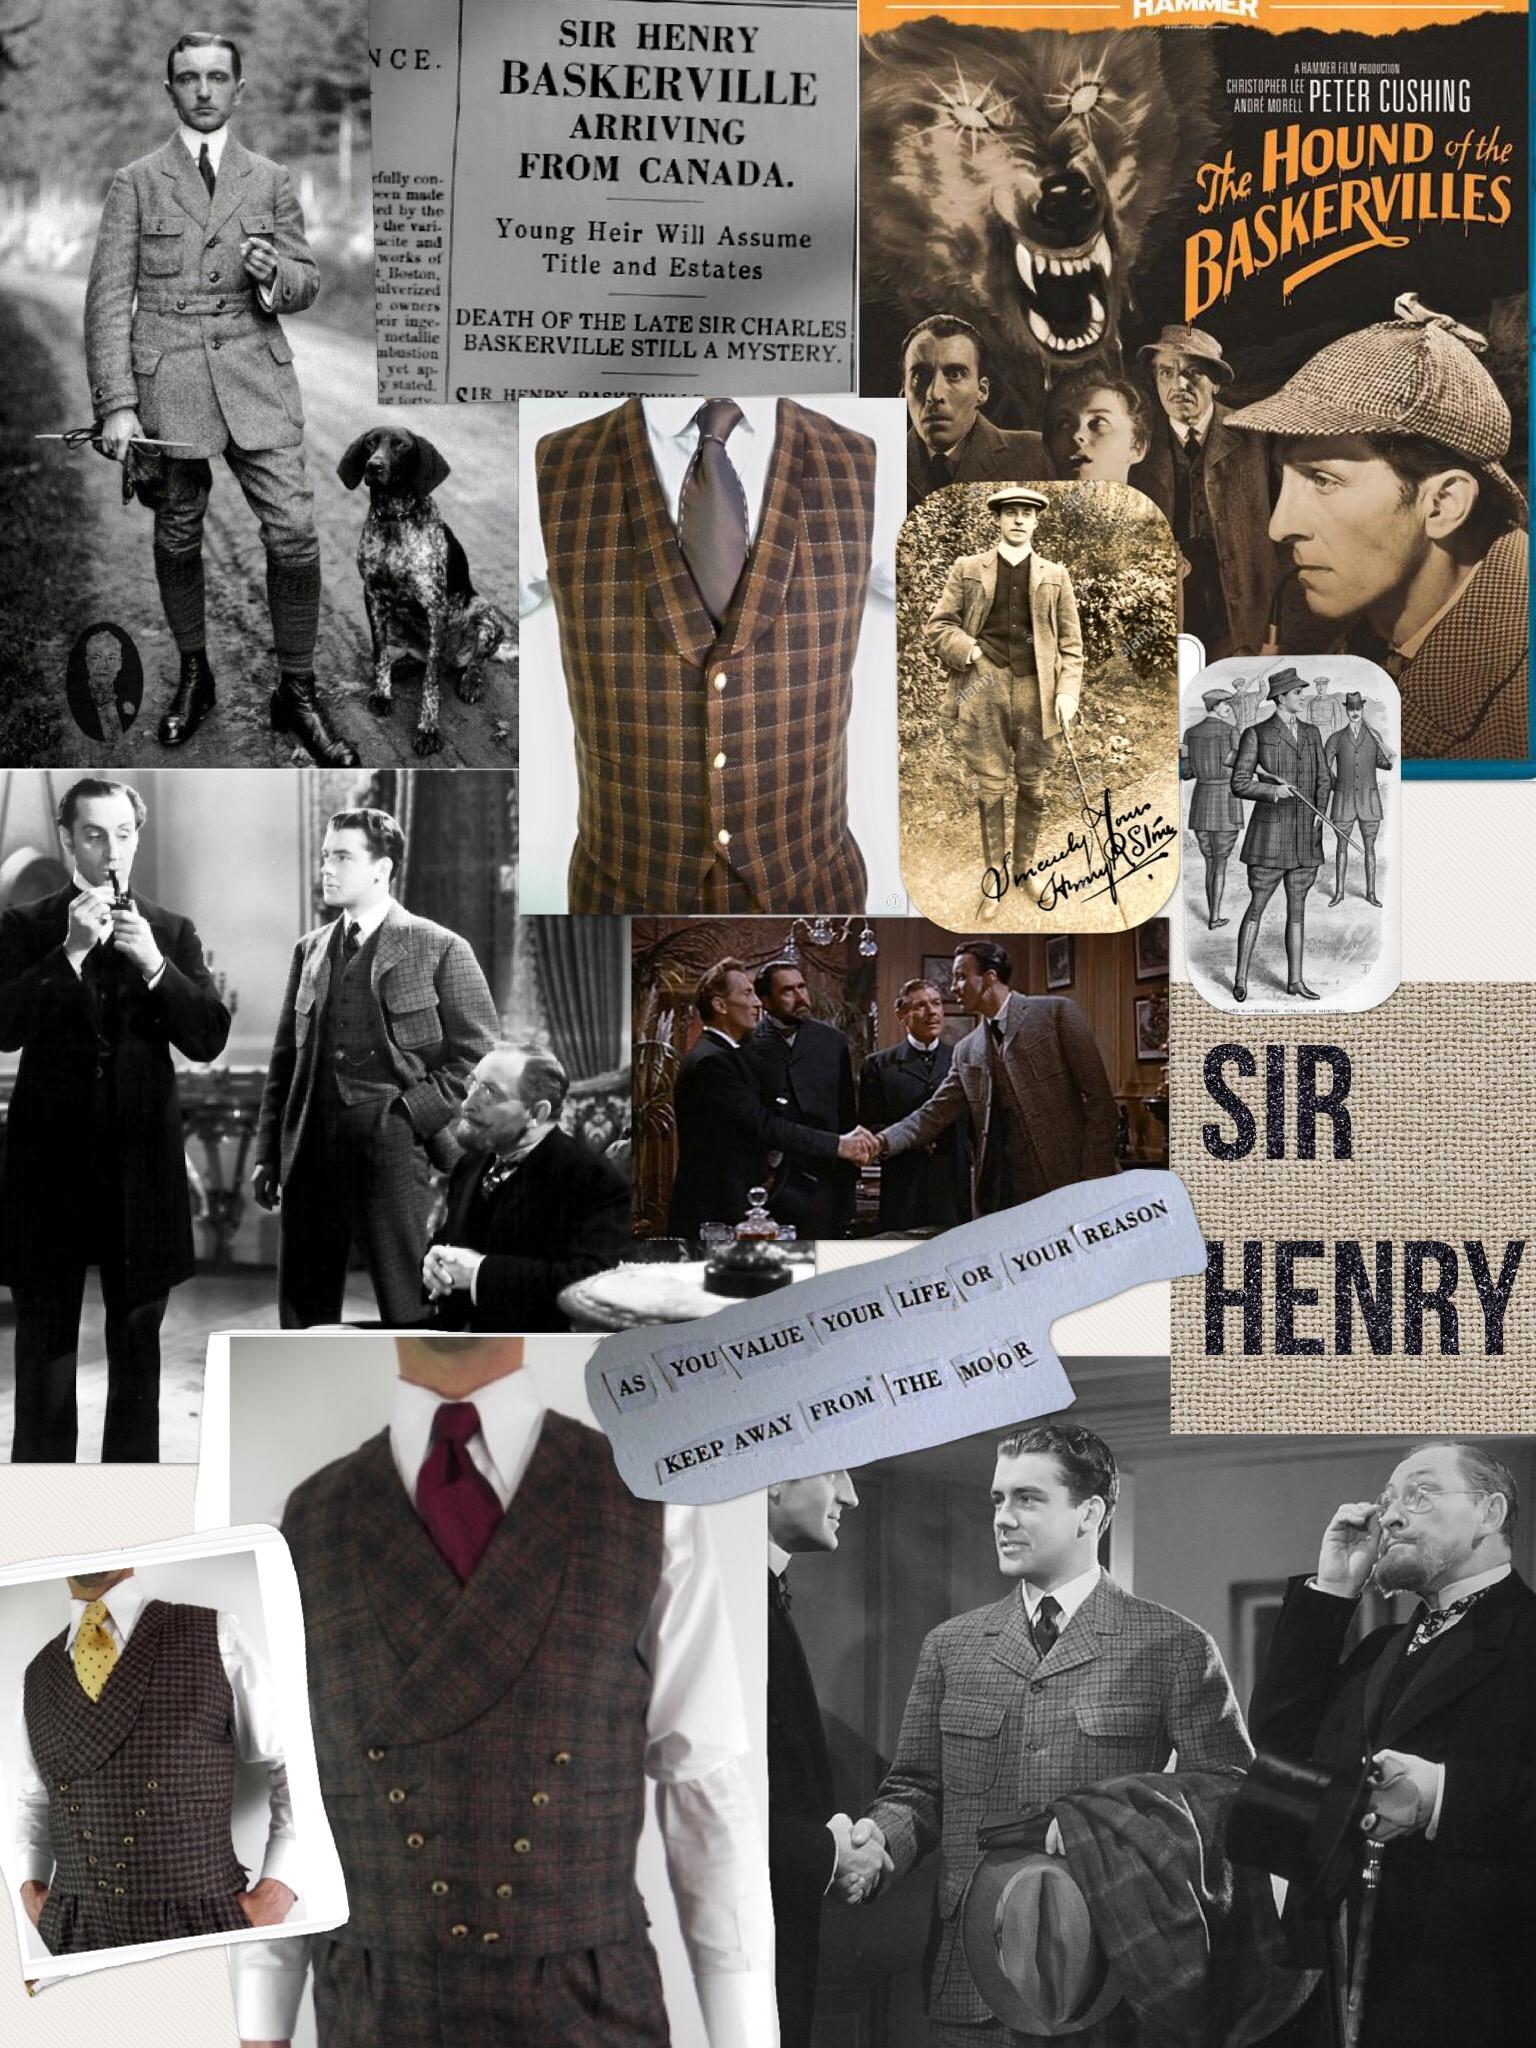 MB sir henry.jpg